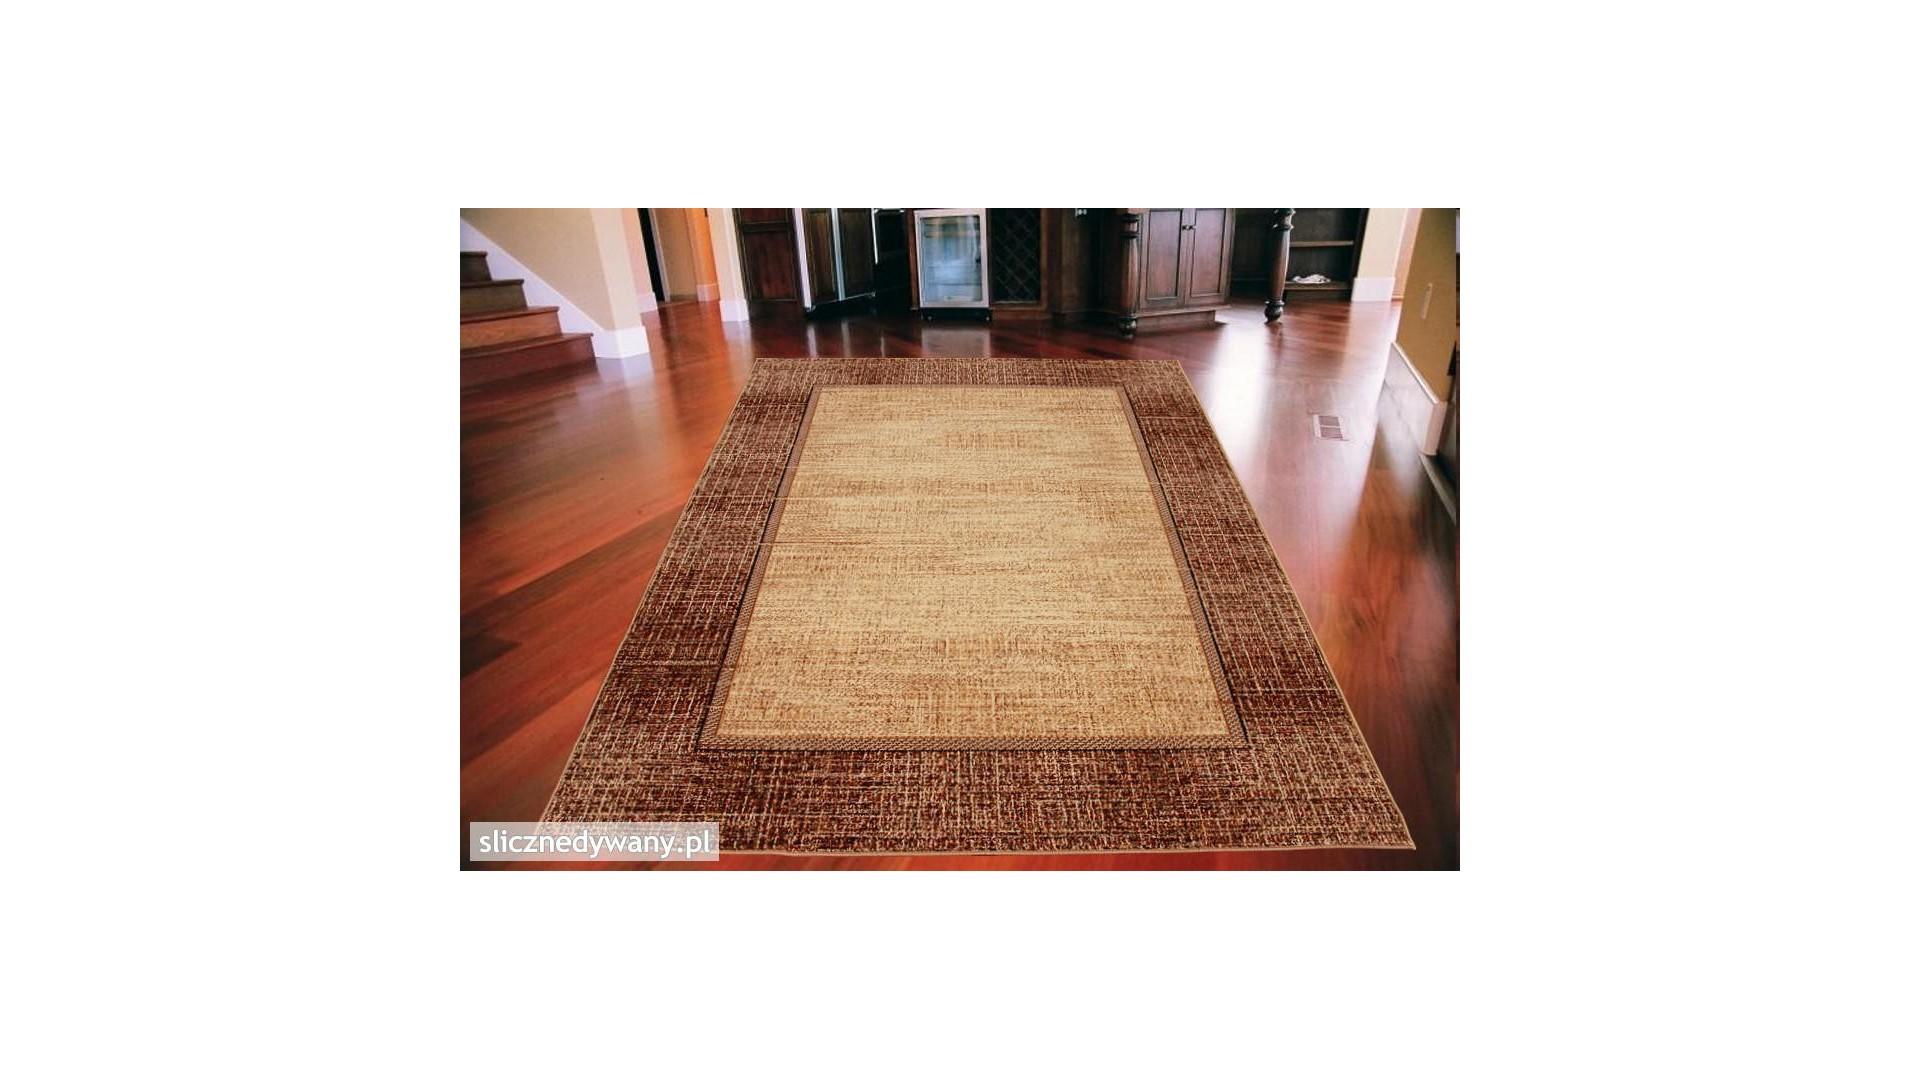 Modne, piaskowe barwy dywanu.